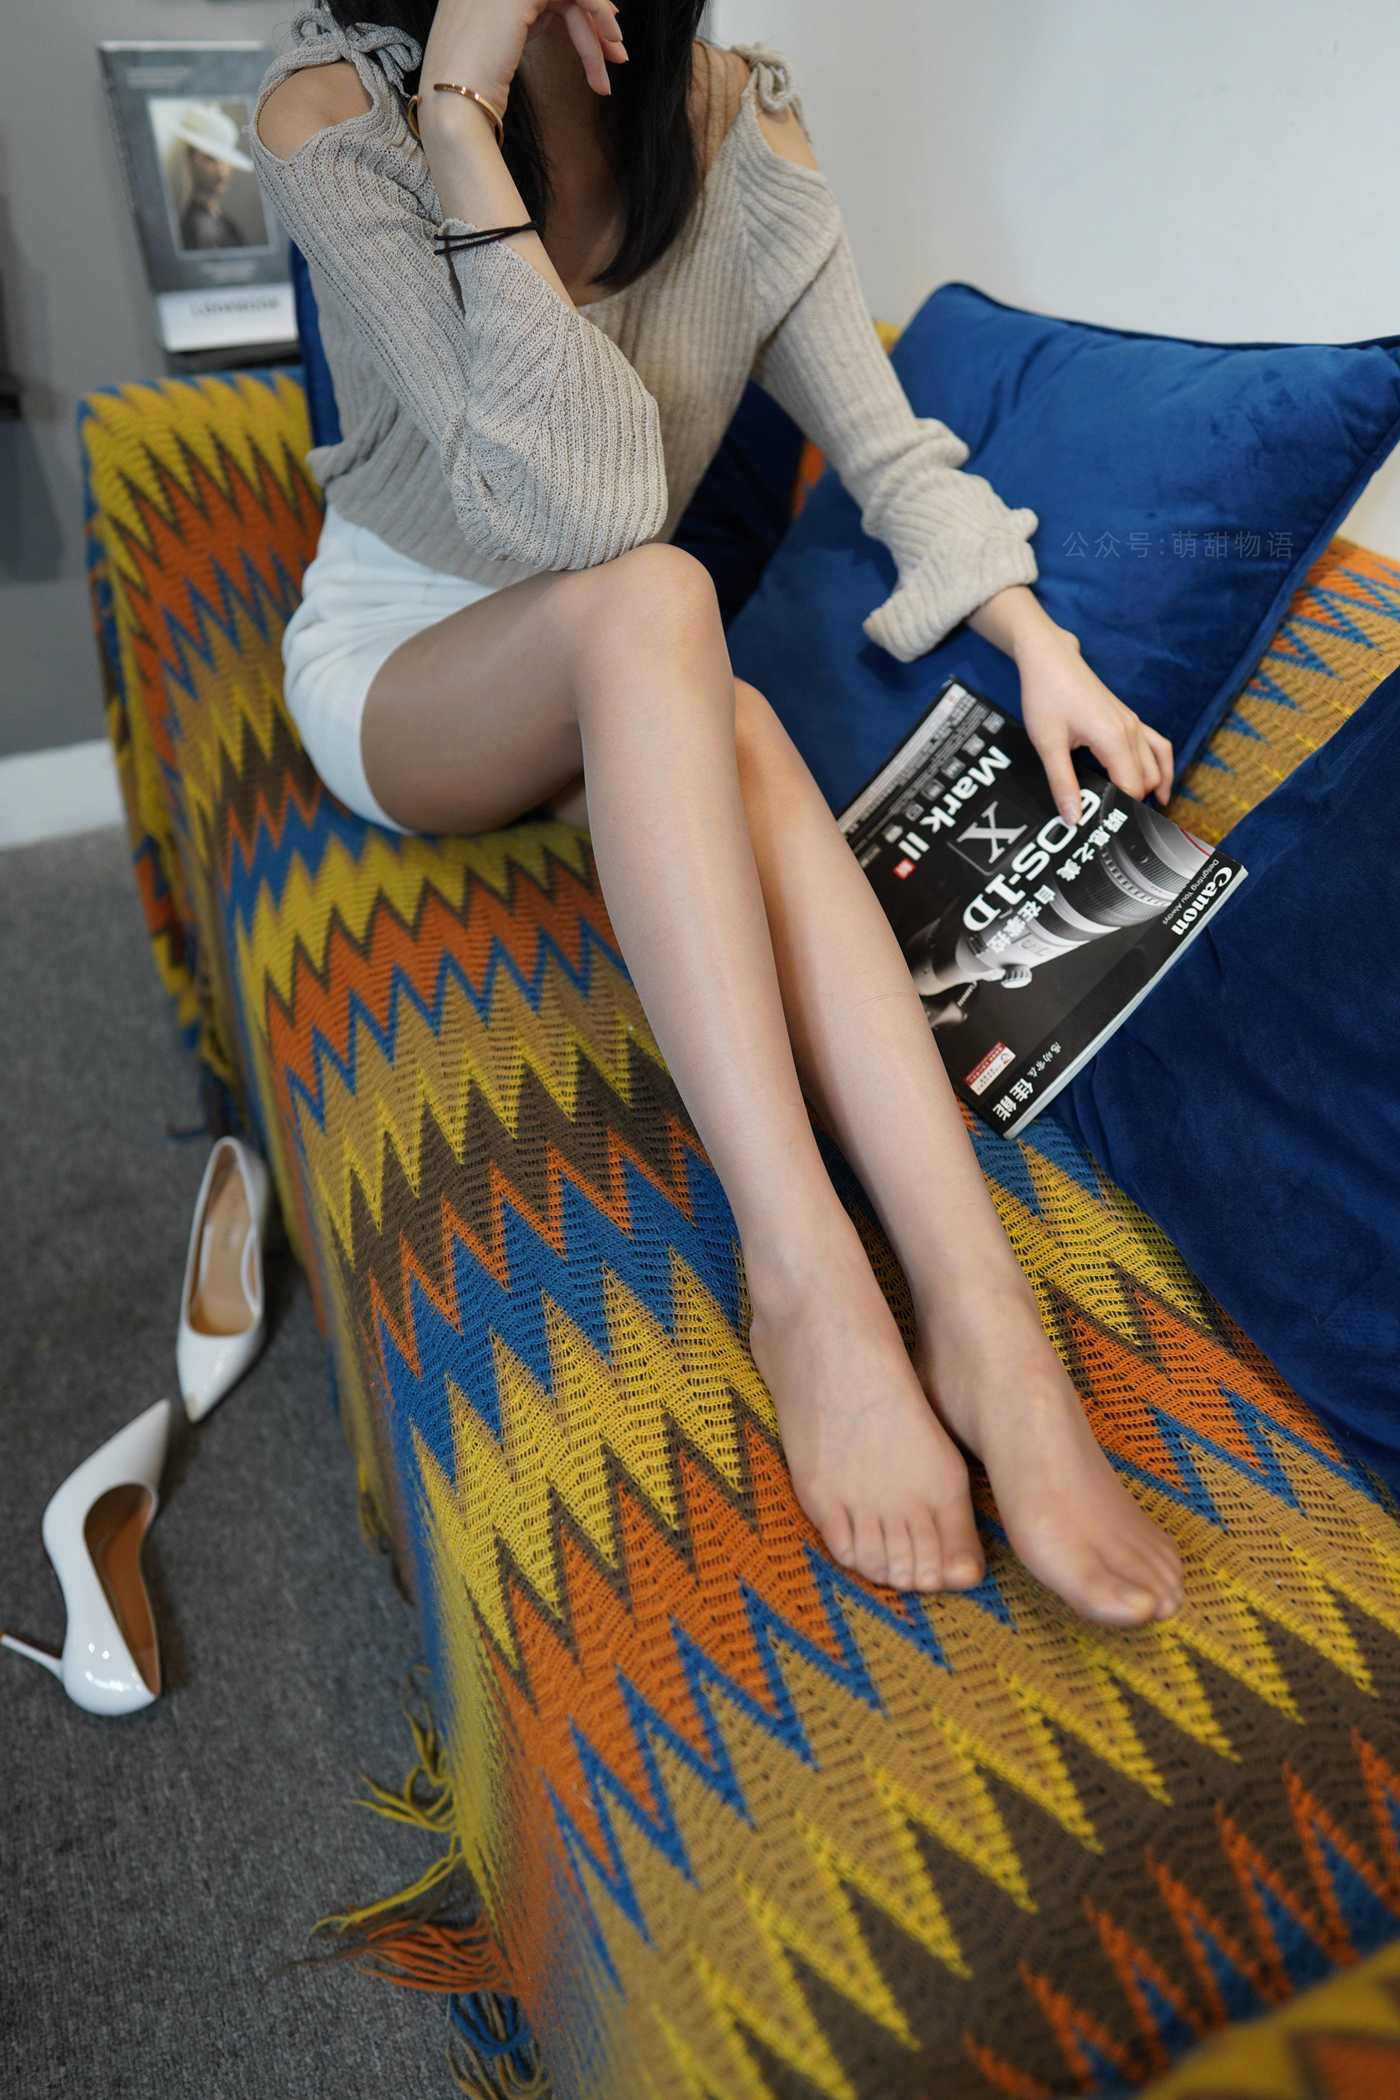 [萌甜物语]XM125《文静阅读装-腿腿》[89P]